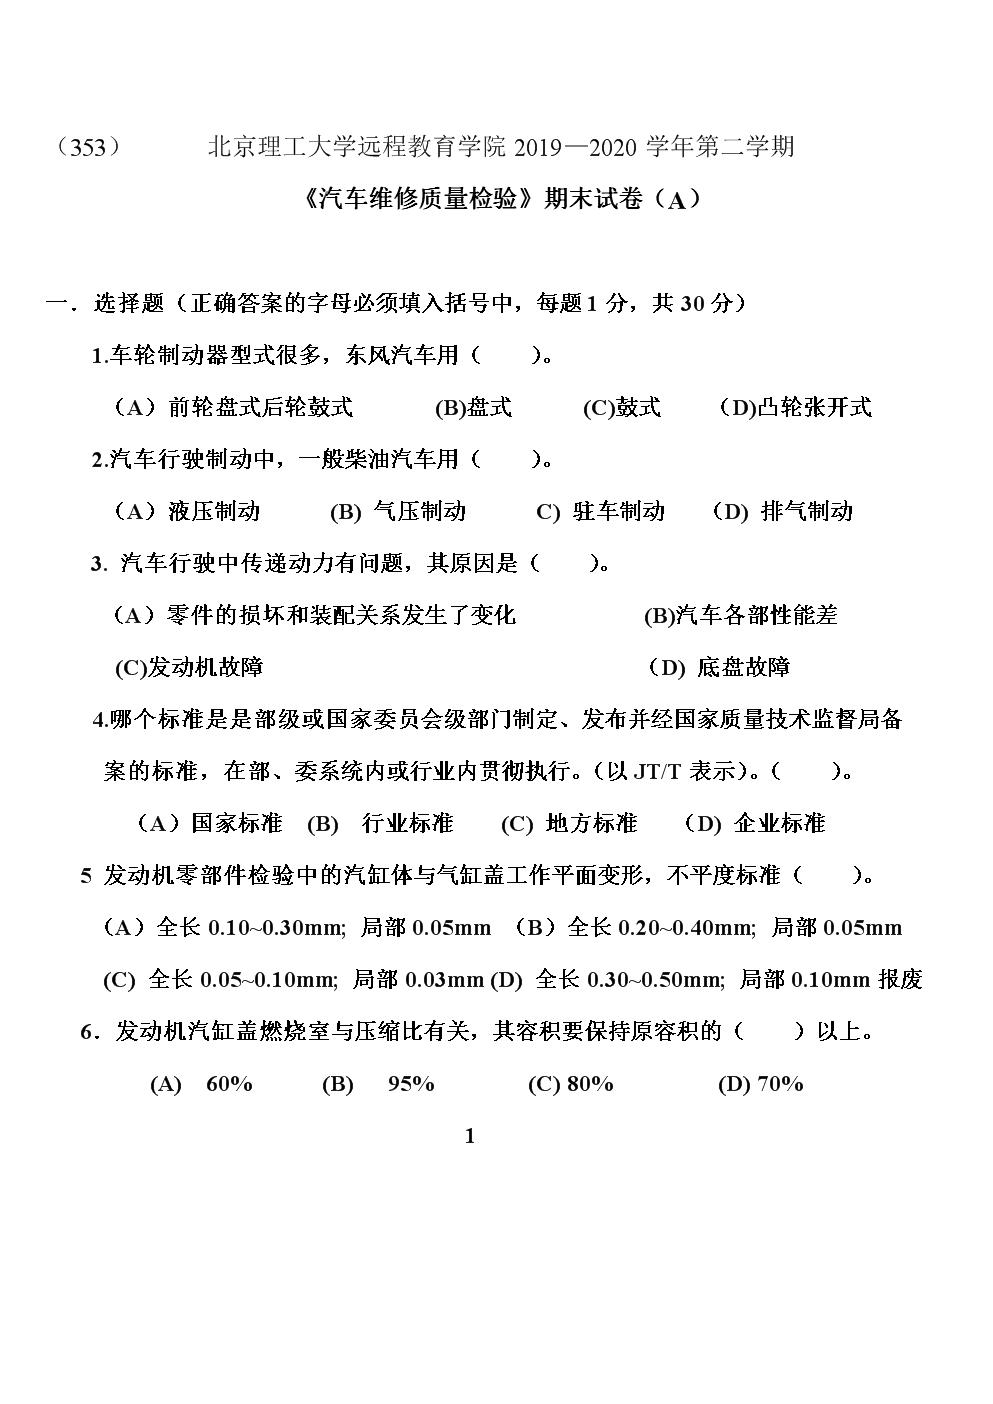 [北京理工大学]《汽车维修质量检验》期末考试试卷.doc